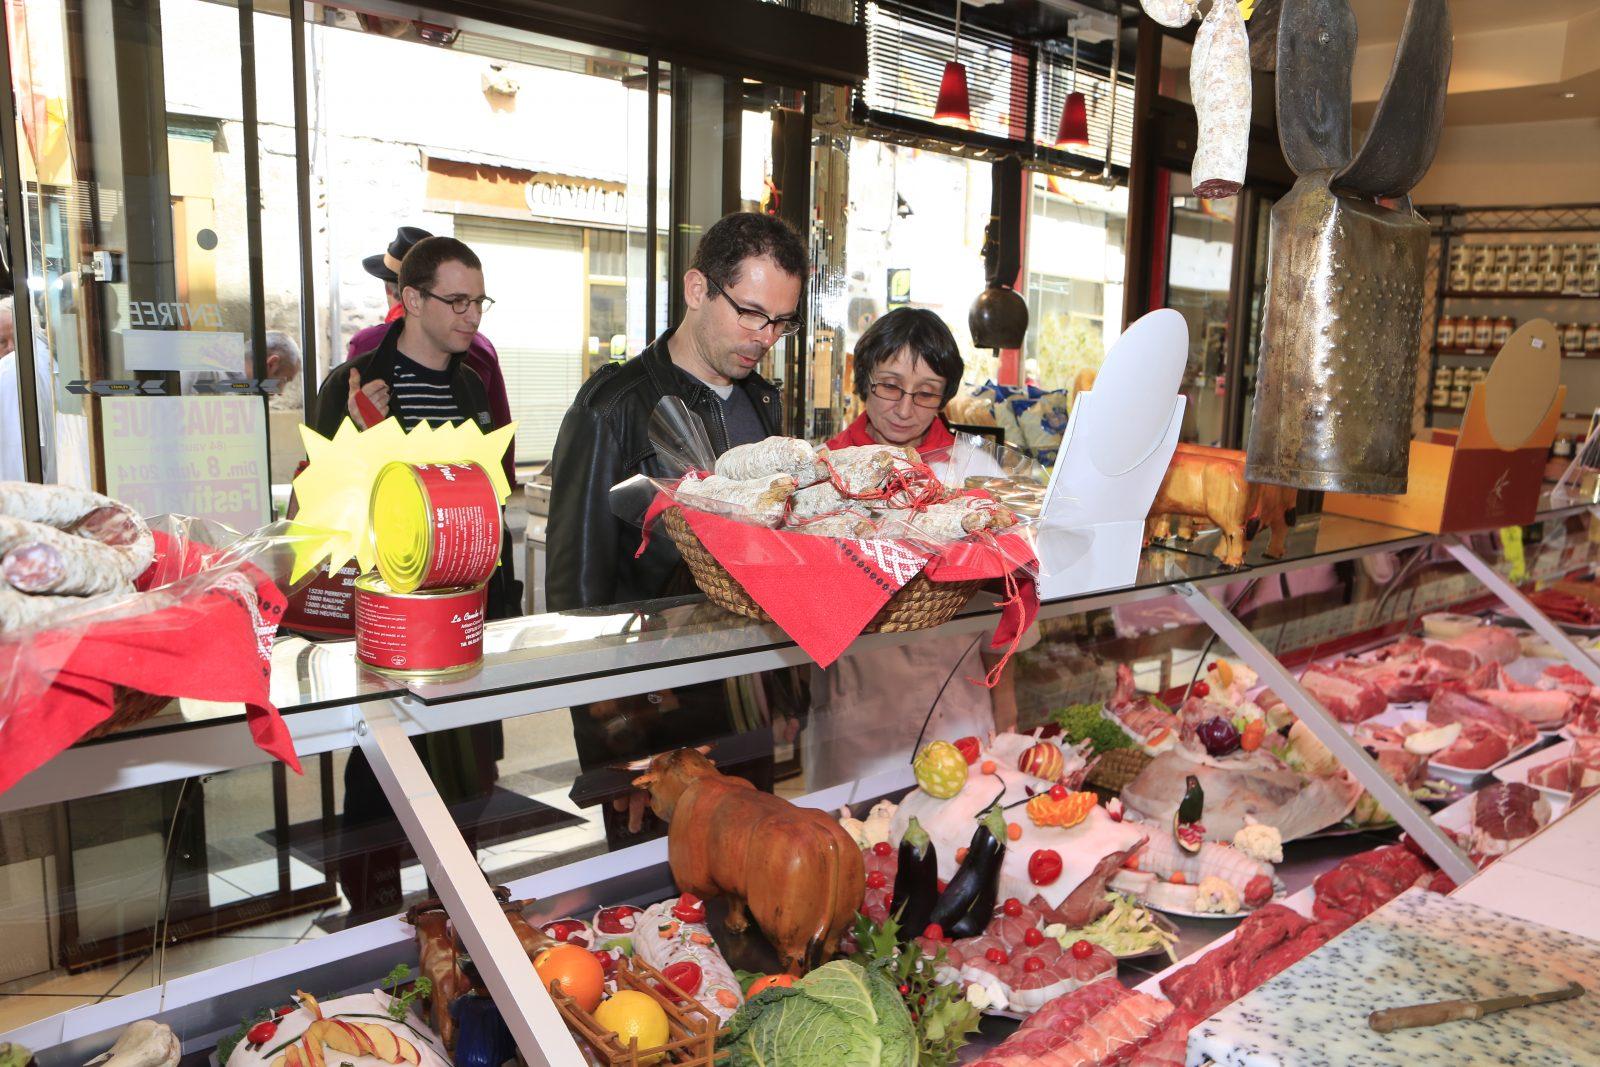 Butcher's shop Maison Joffrois-2